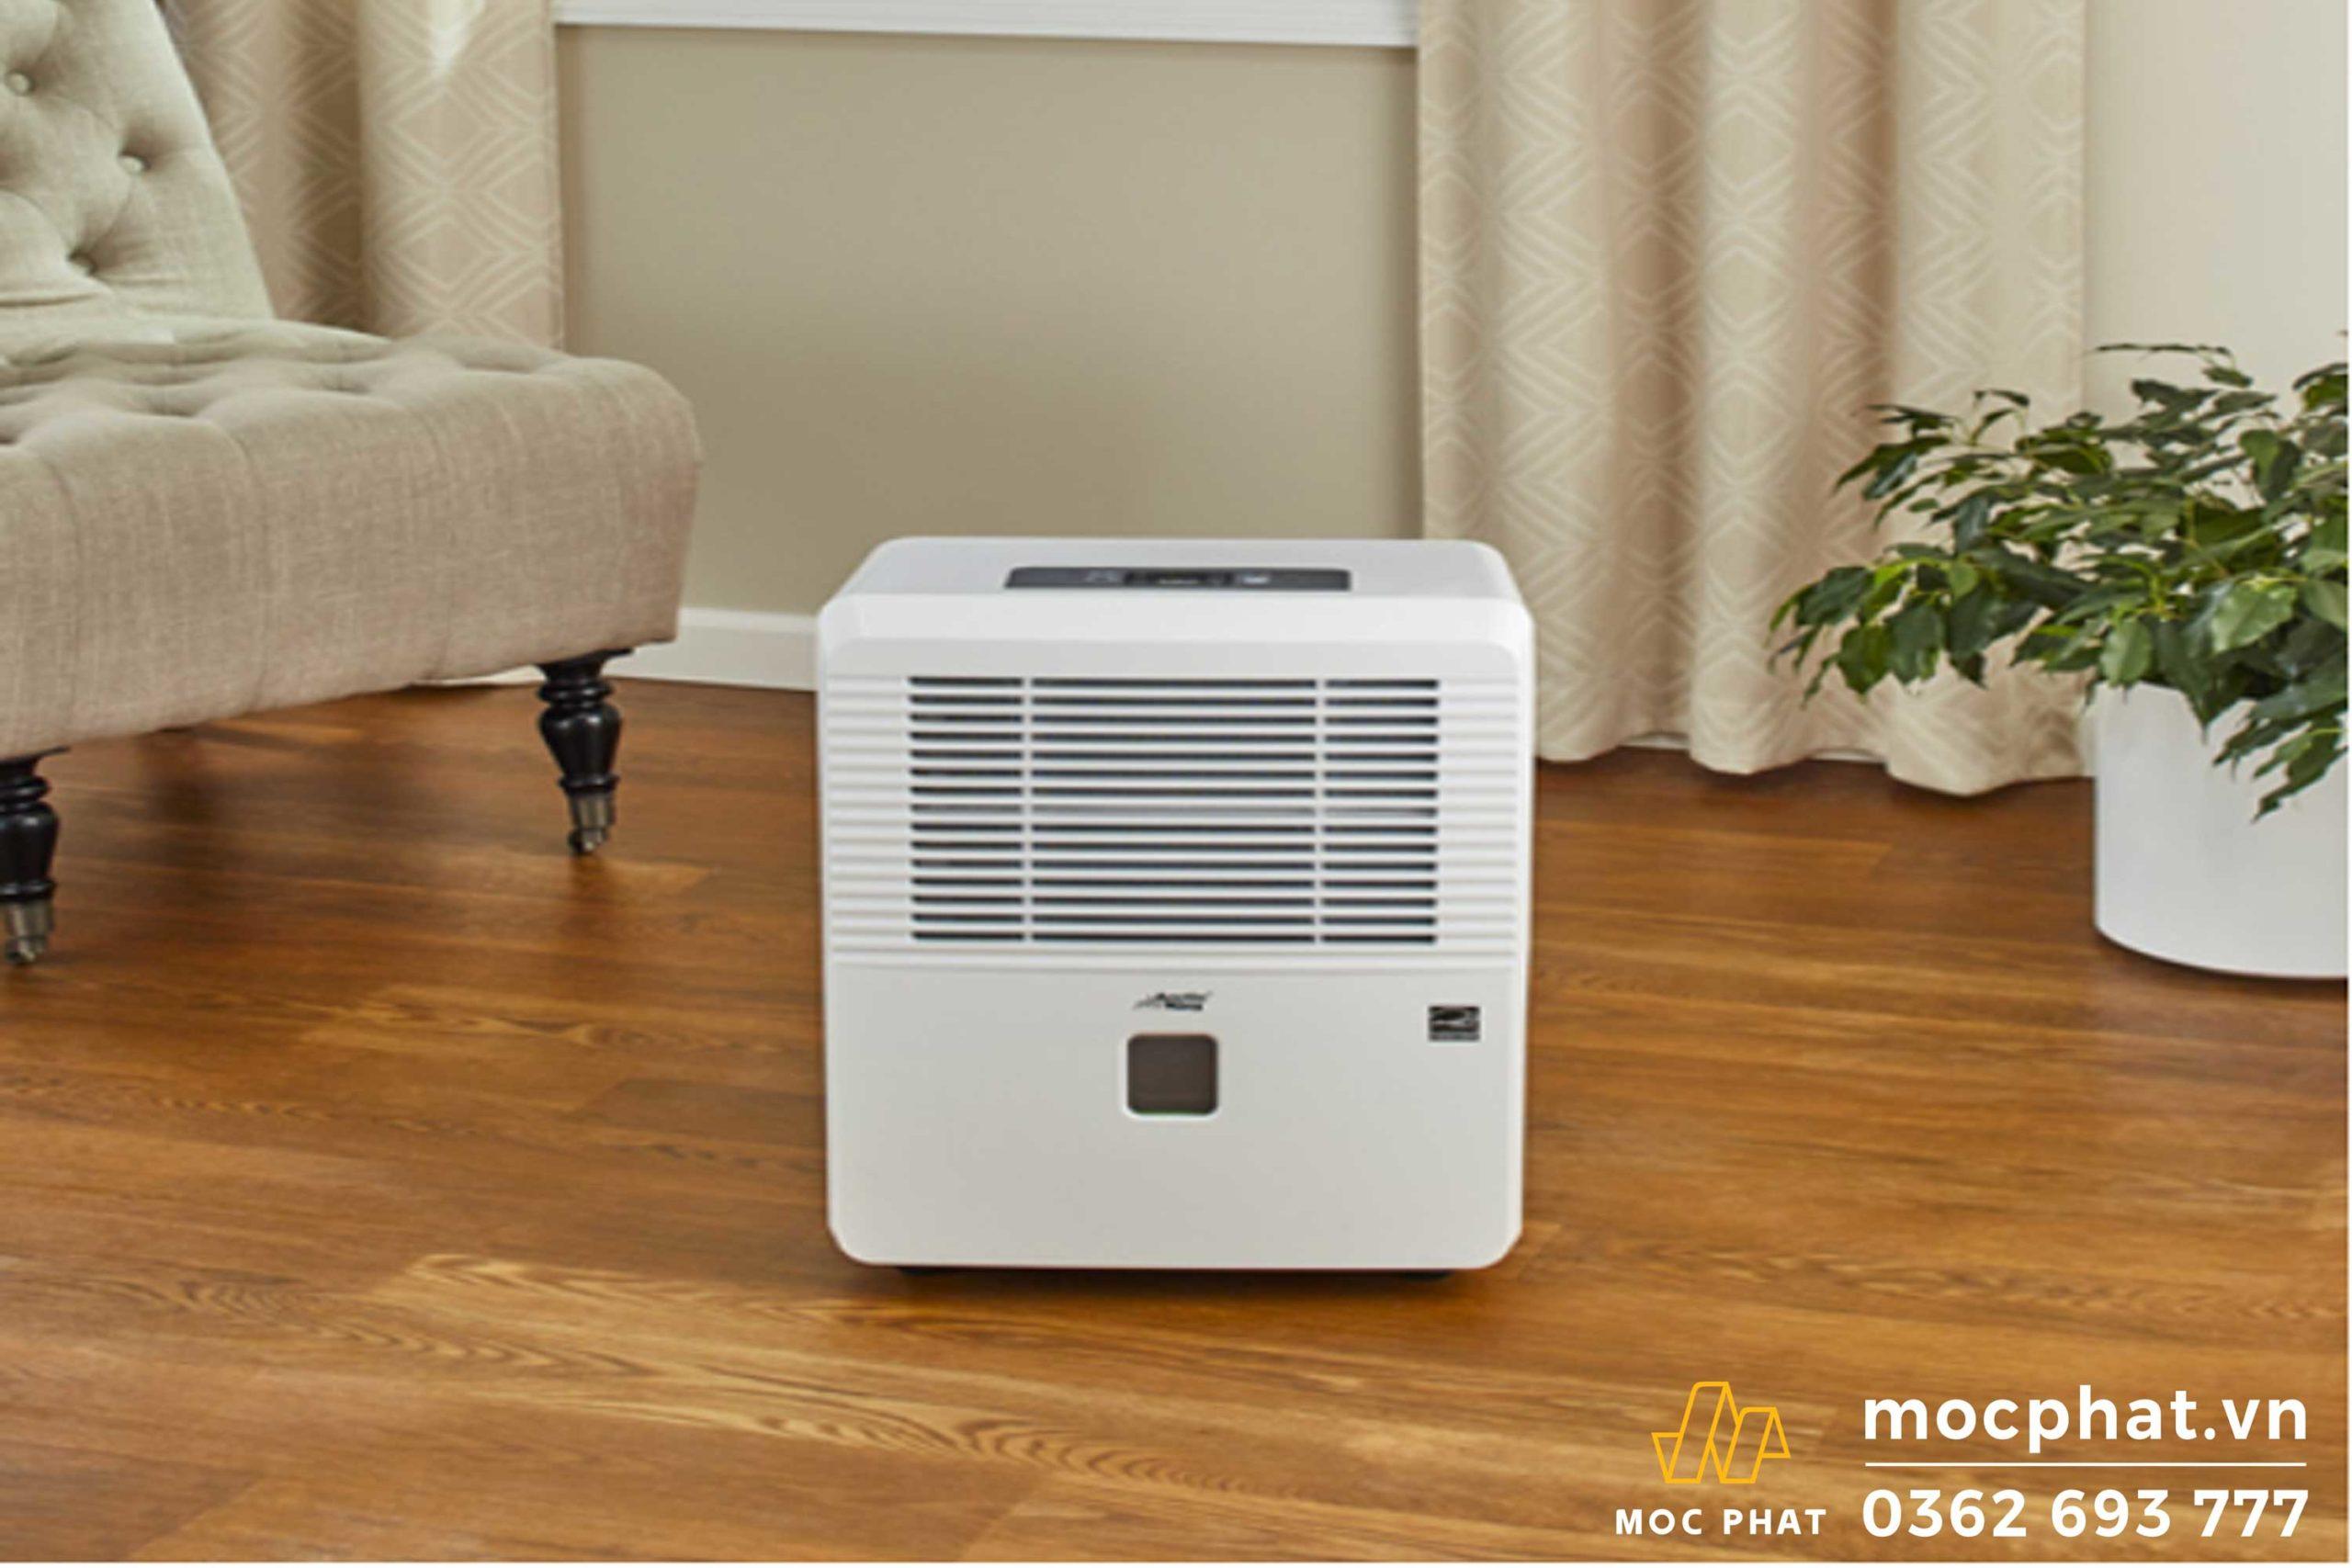 Sử dụng máy hút ẩm để giảm độ ẩm không khí trong phòng - Cách làm nền nhà không bị nồm